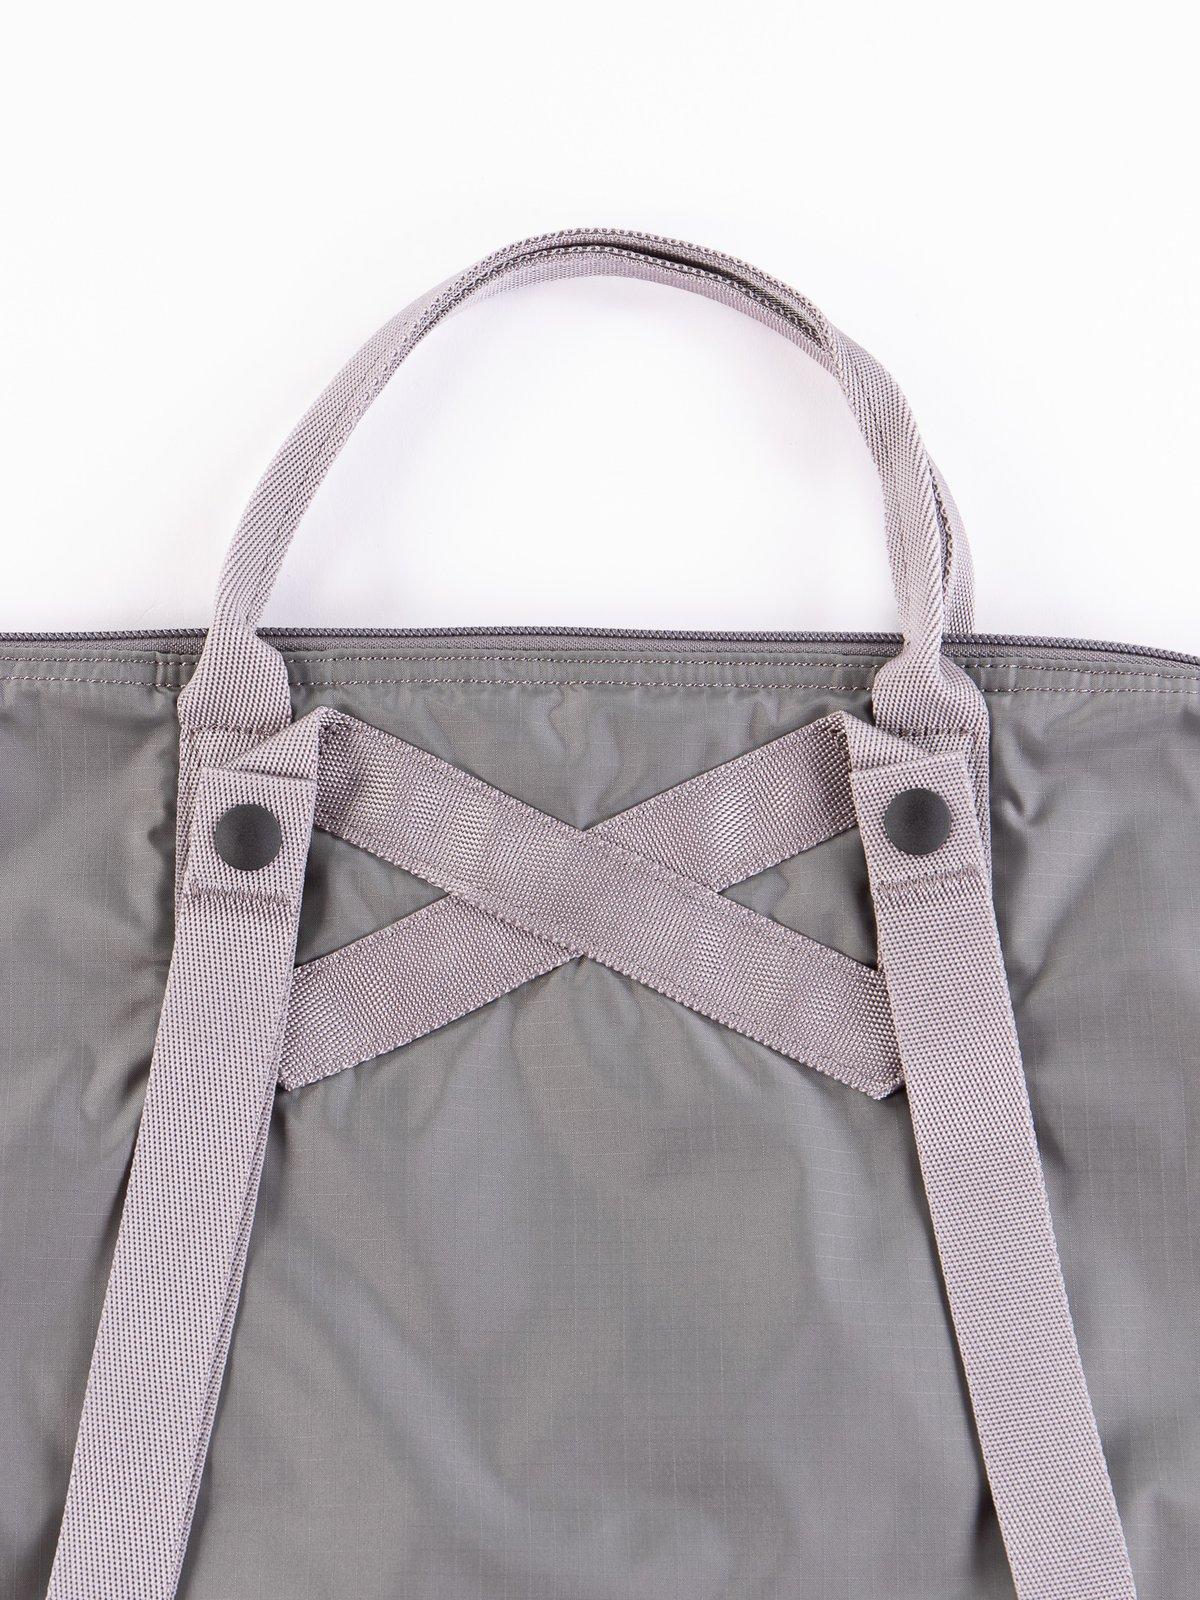 Grey Flex 2Way Tote Bag - Image 5